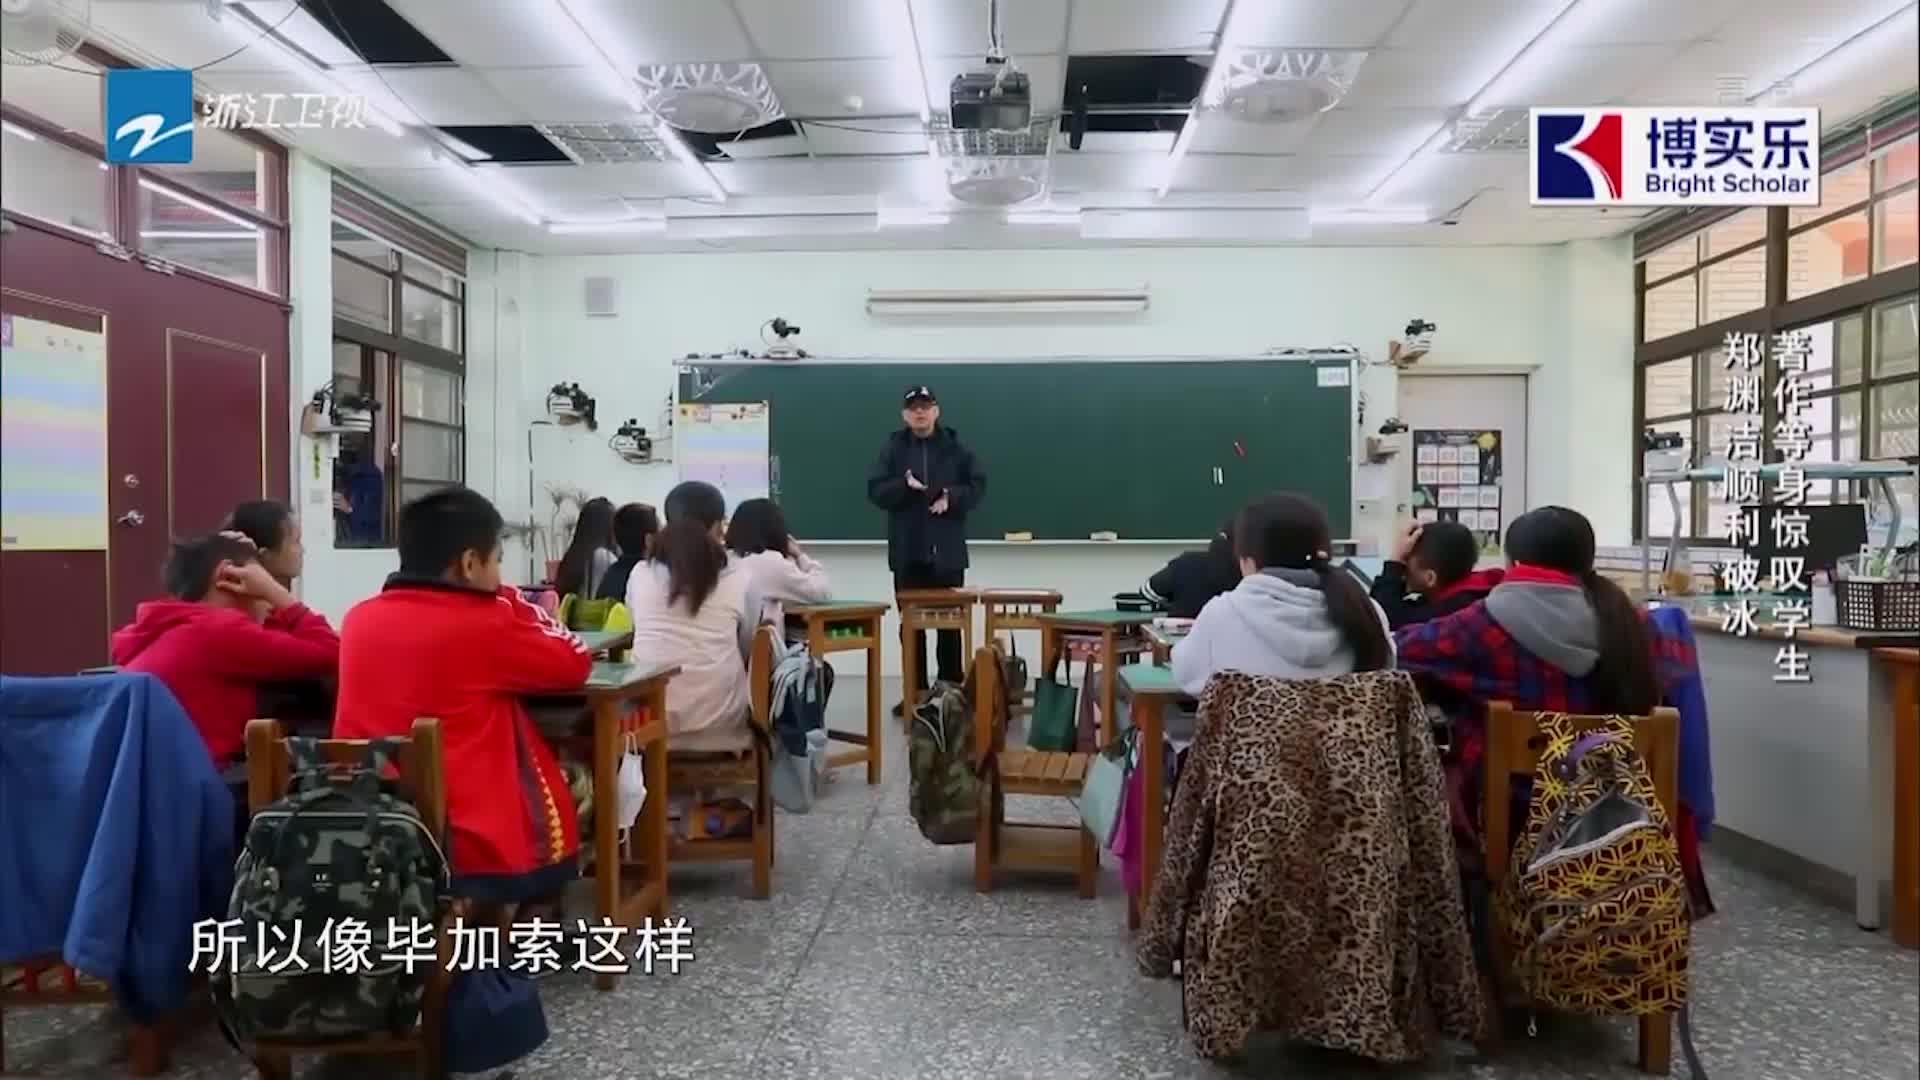 同一堂课:郑渊洁变魔术,两次都被拆穿了,现在孩子太精了